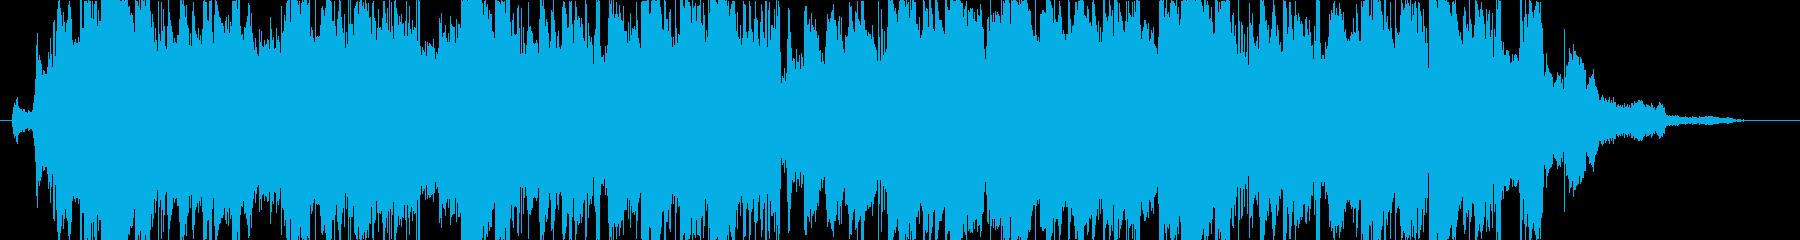 ポップで爽やかなEDM風ジングルの再生済みの波形